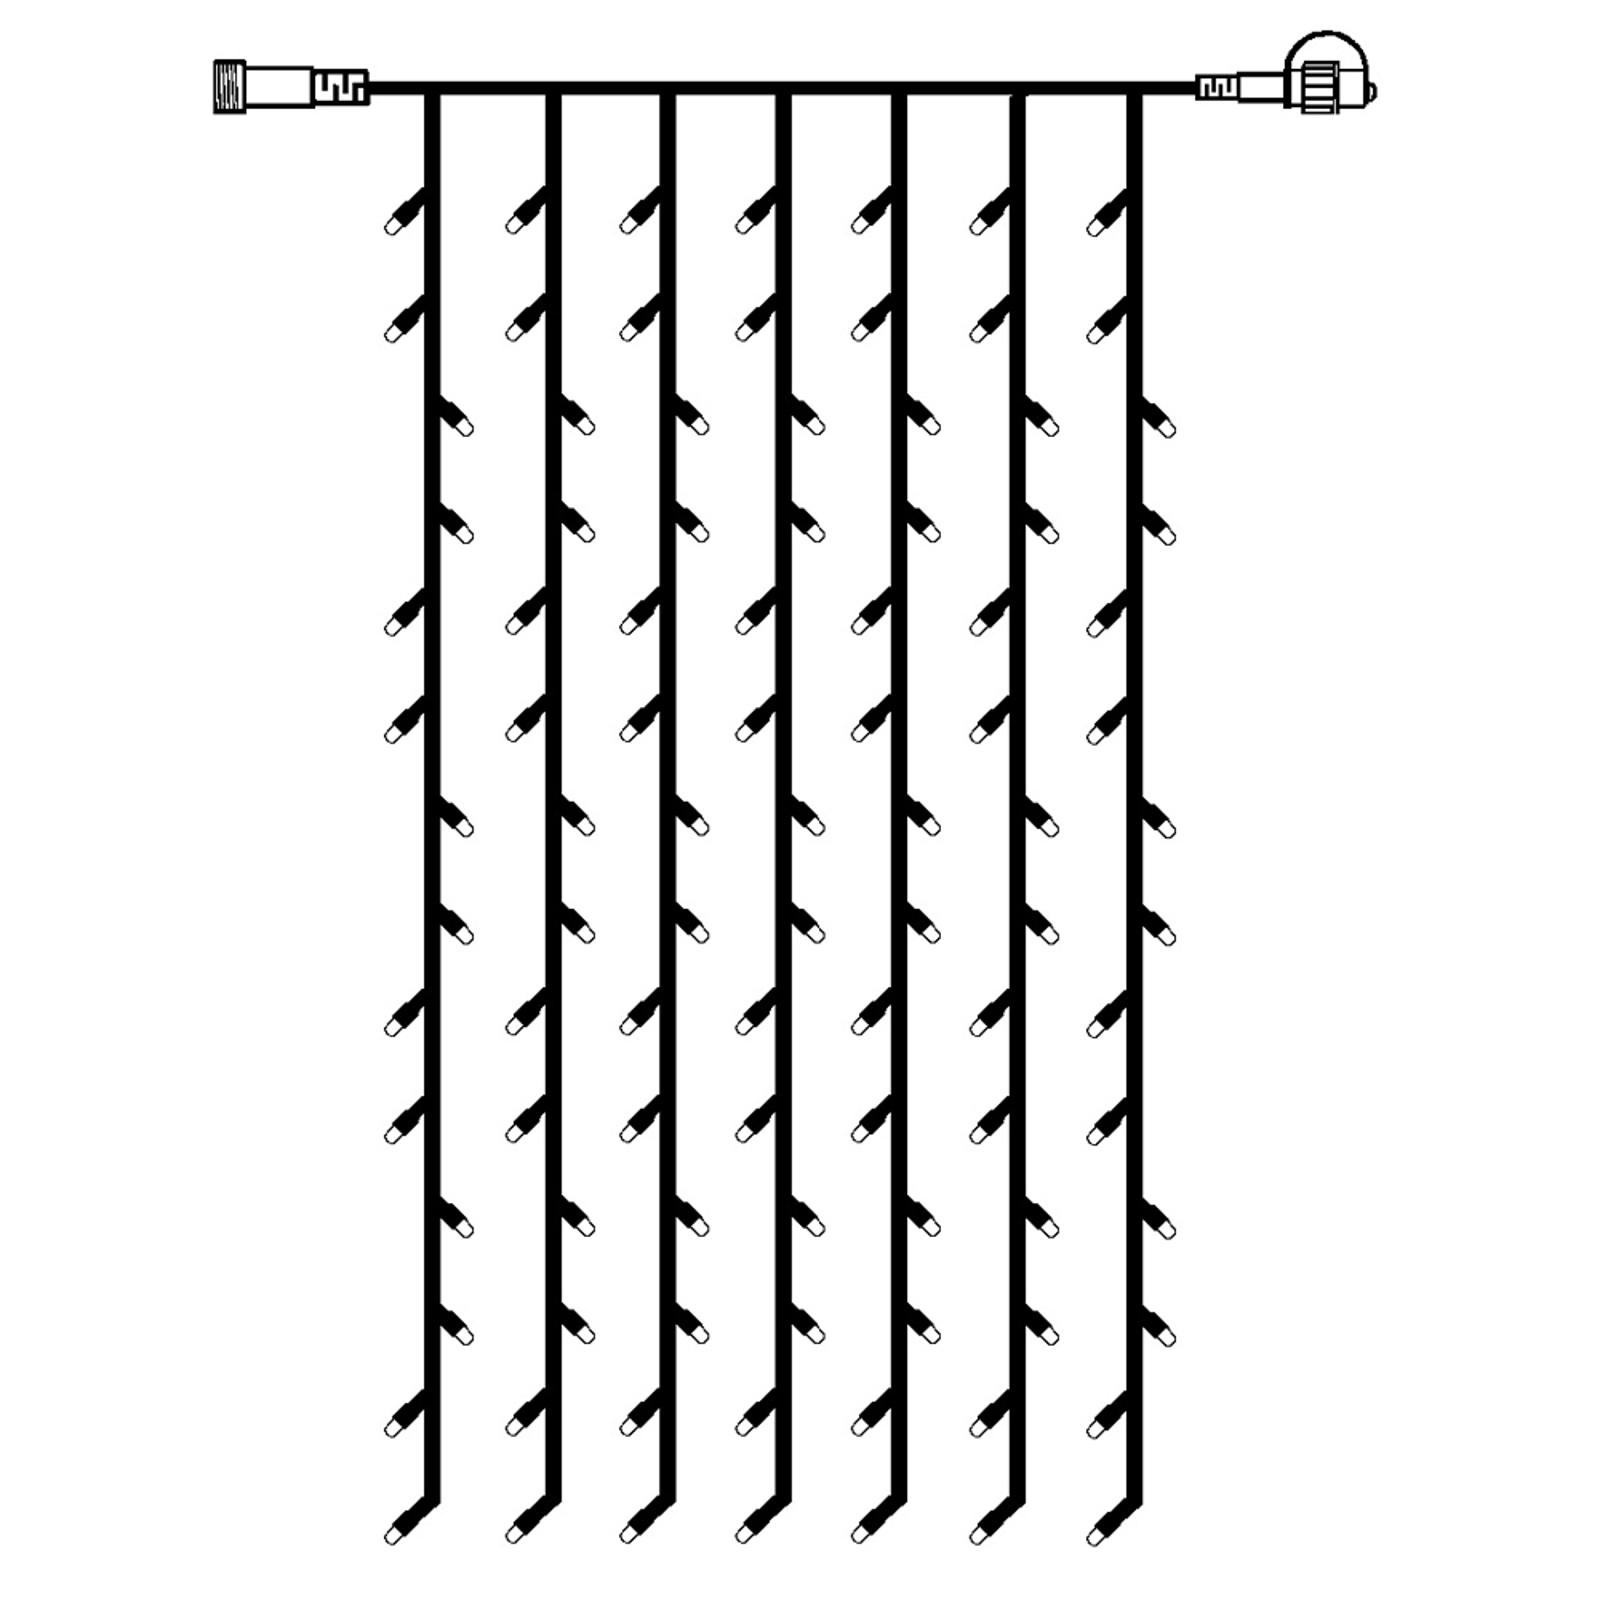 Förlängningsslinga LED-ljusdraperi System 24